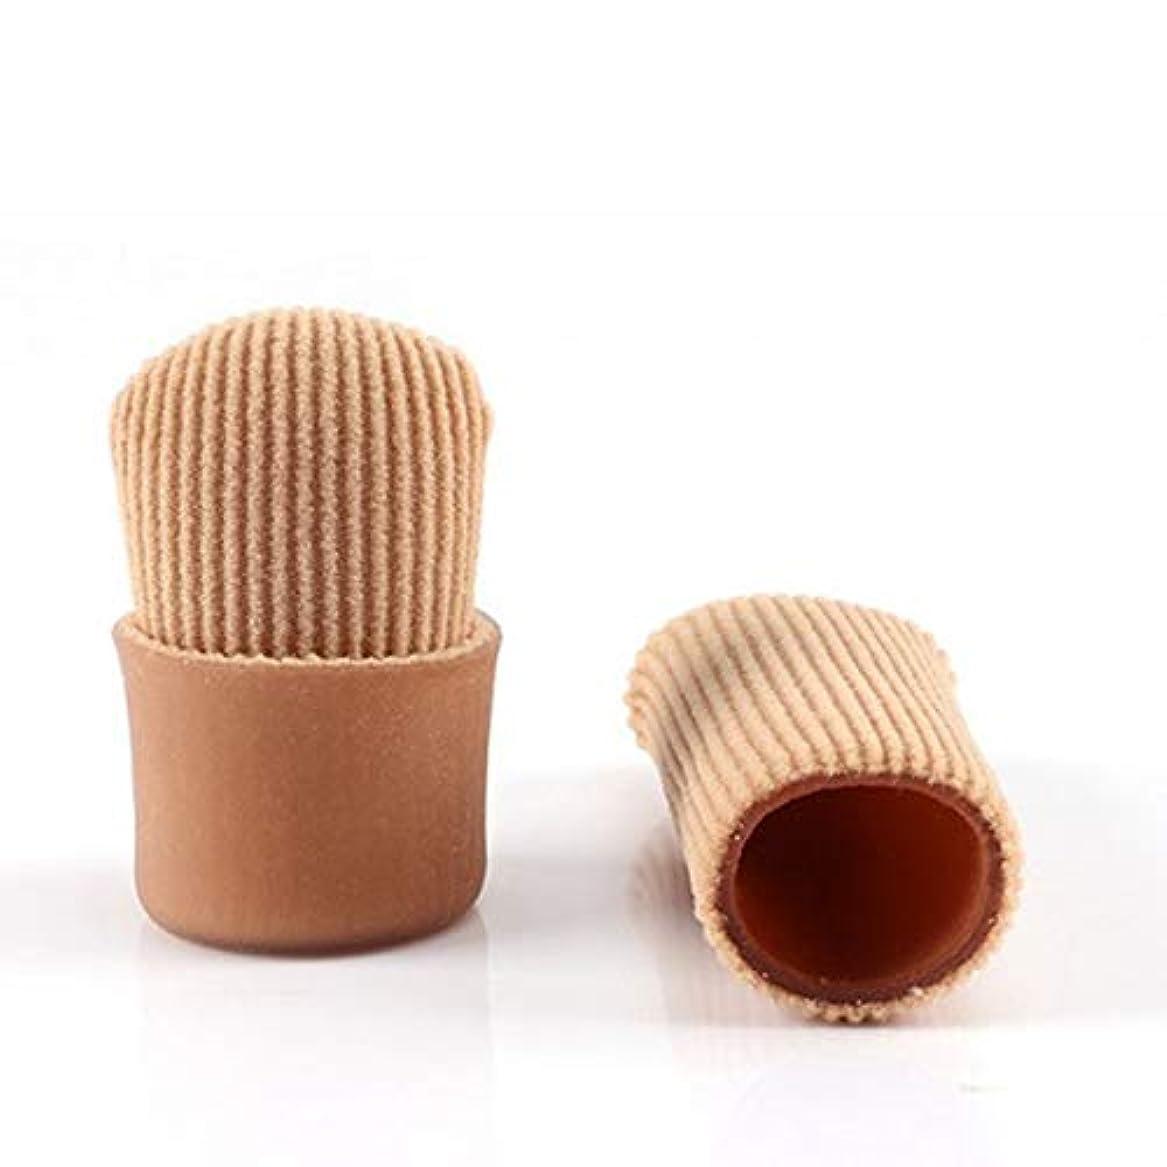 制限された必需品所属Open Toe Tubes Gel Lined Fabric Sleeve Protectors To Prevent Corns, Calluses And Blisters While Softening And...